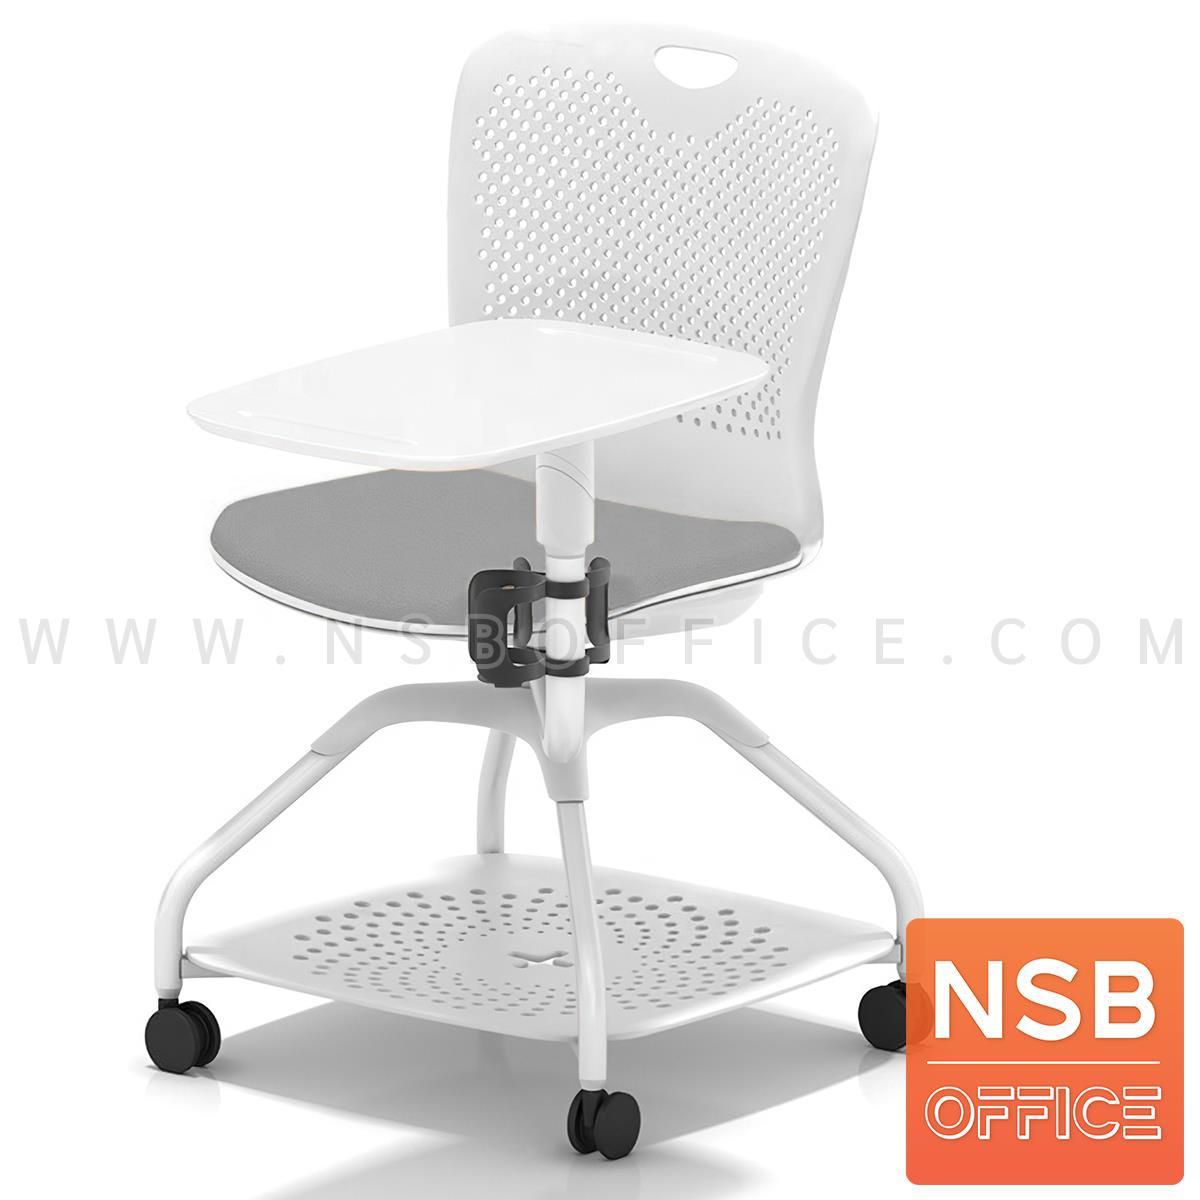 B30A047:เก้าอี้เลคเชอร์ รุ่น Digory (ดิกอรี่)  โครงขาเหล็กล้อเลื่อน ฐานด้านล่างวางกระเป๋าได้